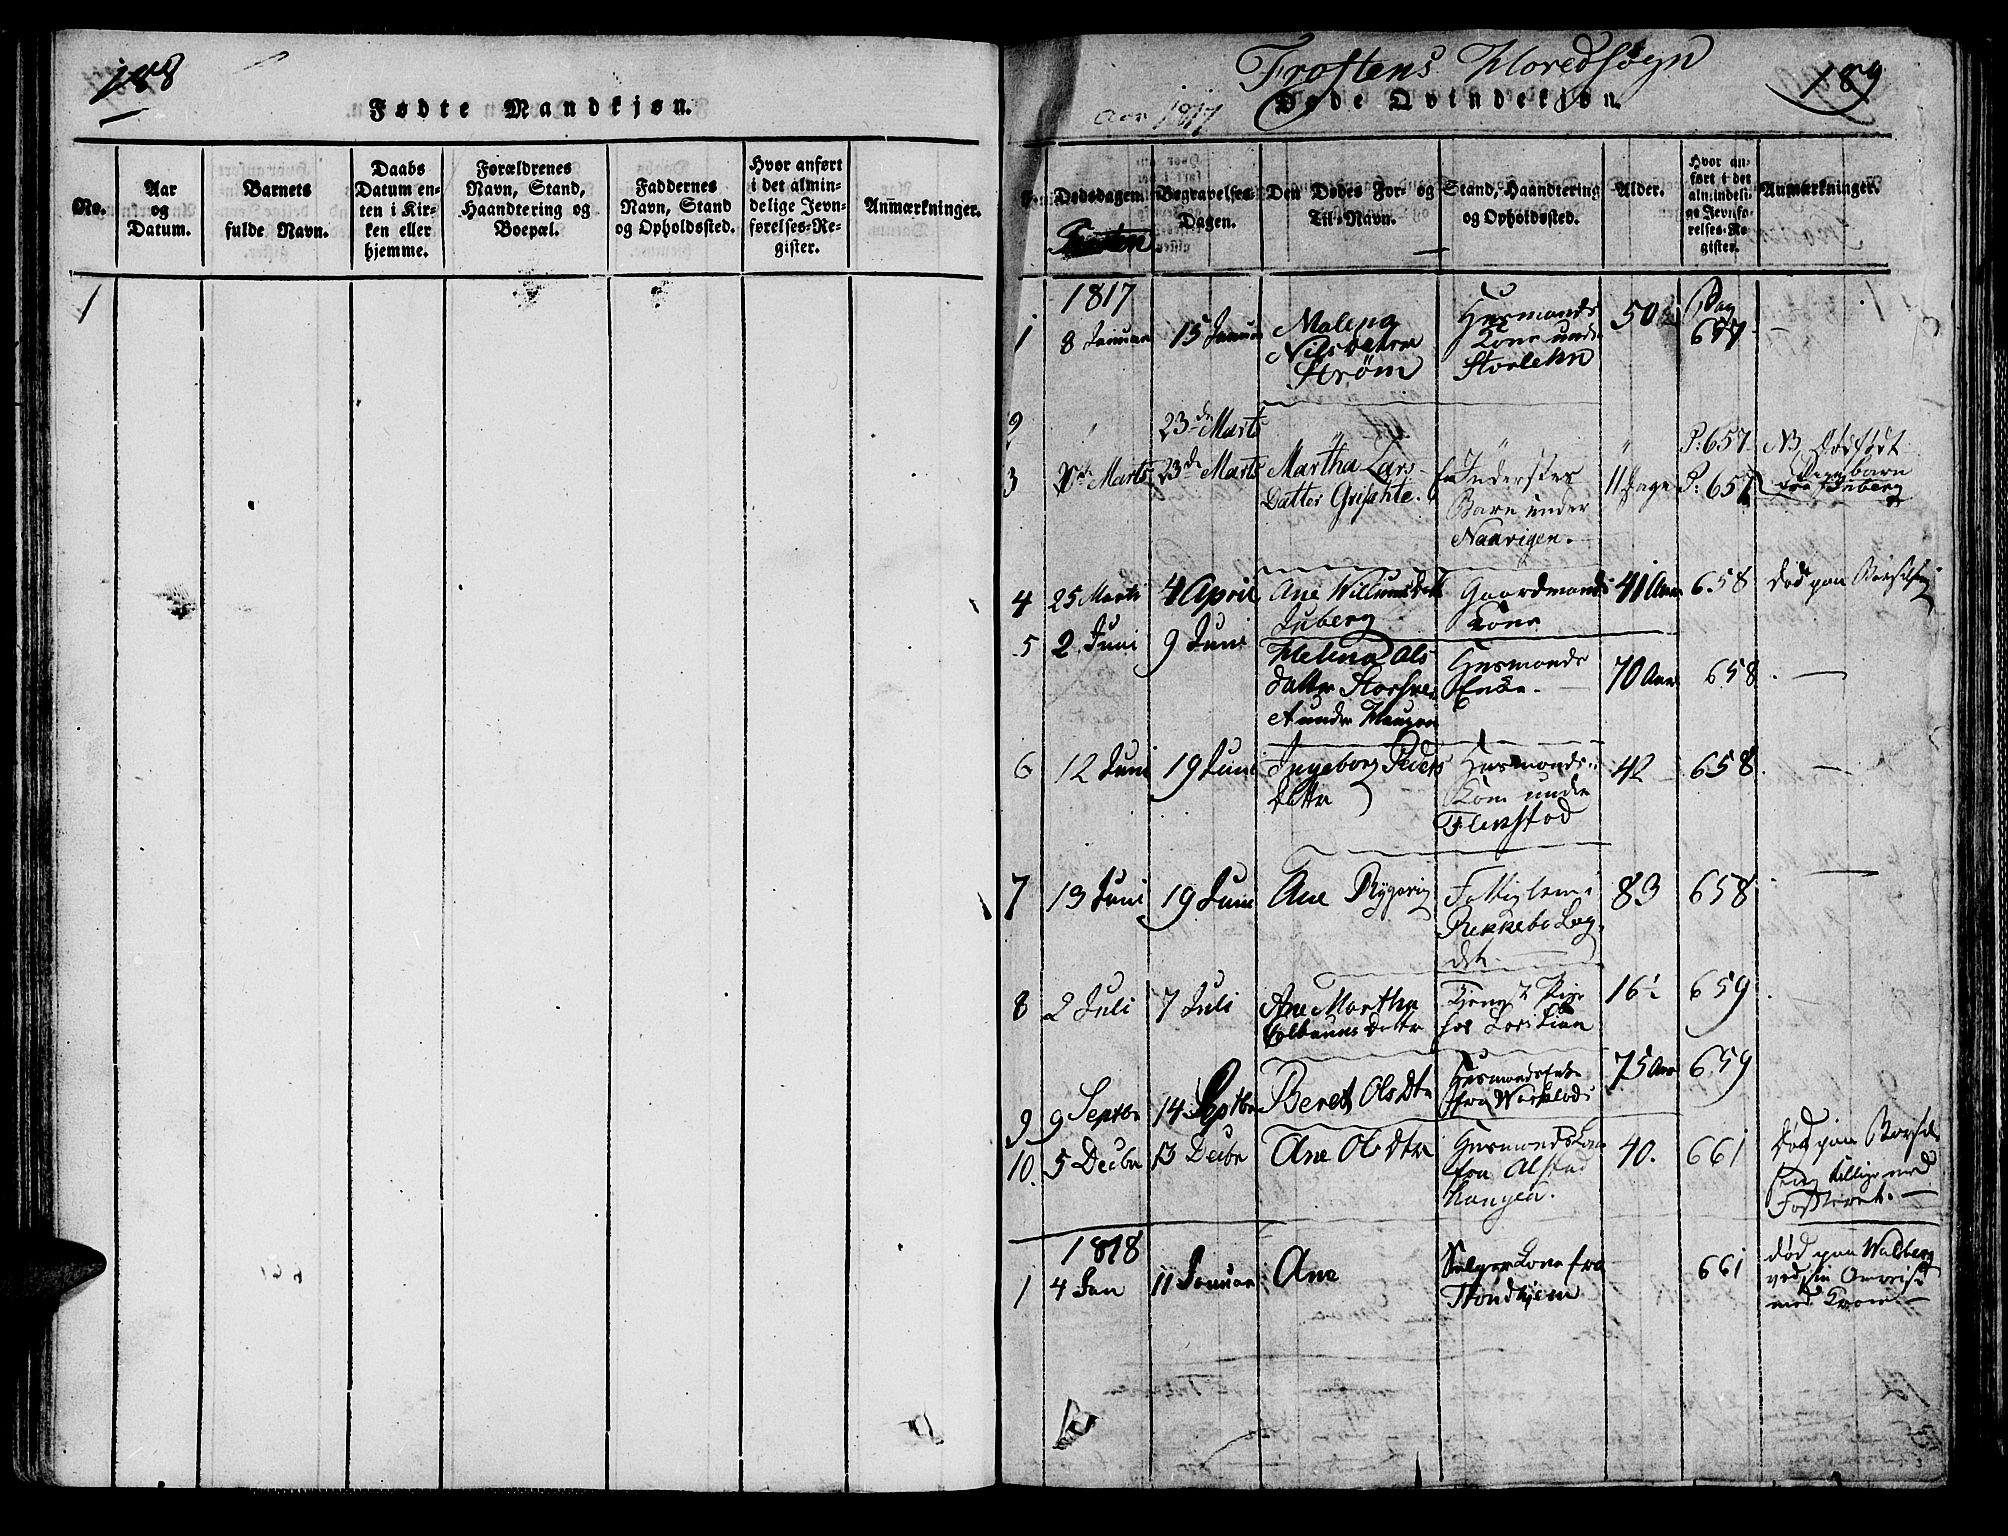 SAT, Ministerialprotokoller, klokkerbøker og fødselsregistre - Nord-Trøndelag, 713/L0112: Ministerialbok nr. 713A04 /1, 1817-1827, s. 188-189